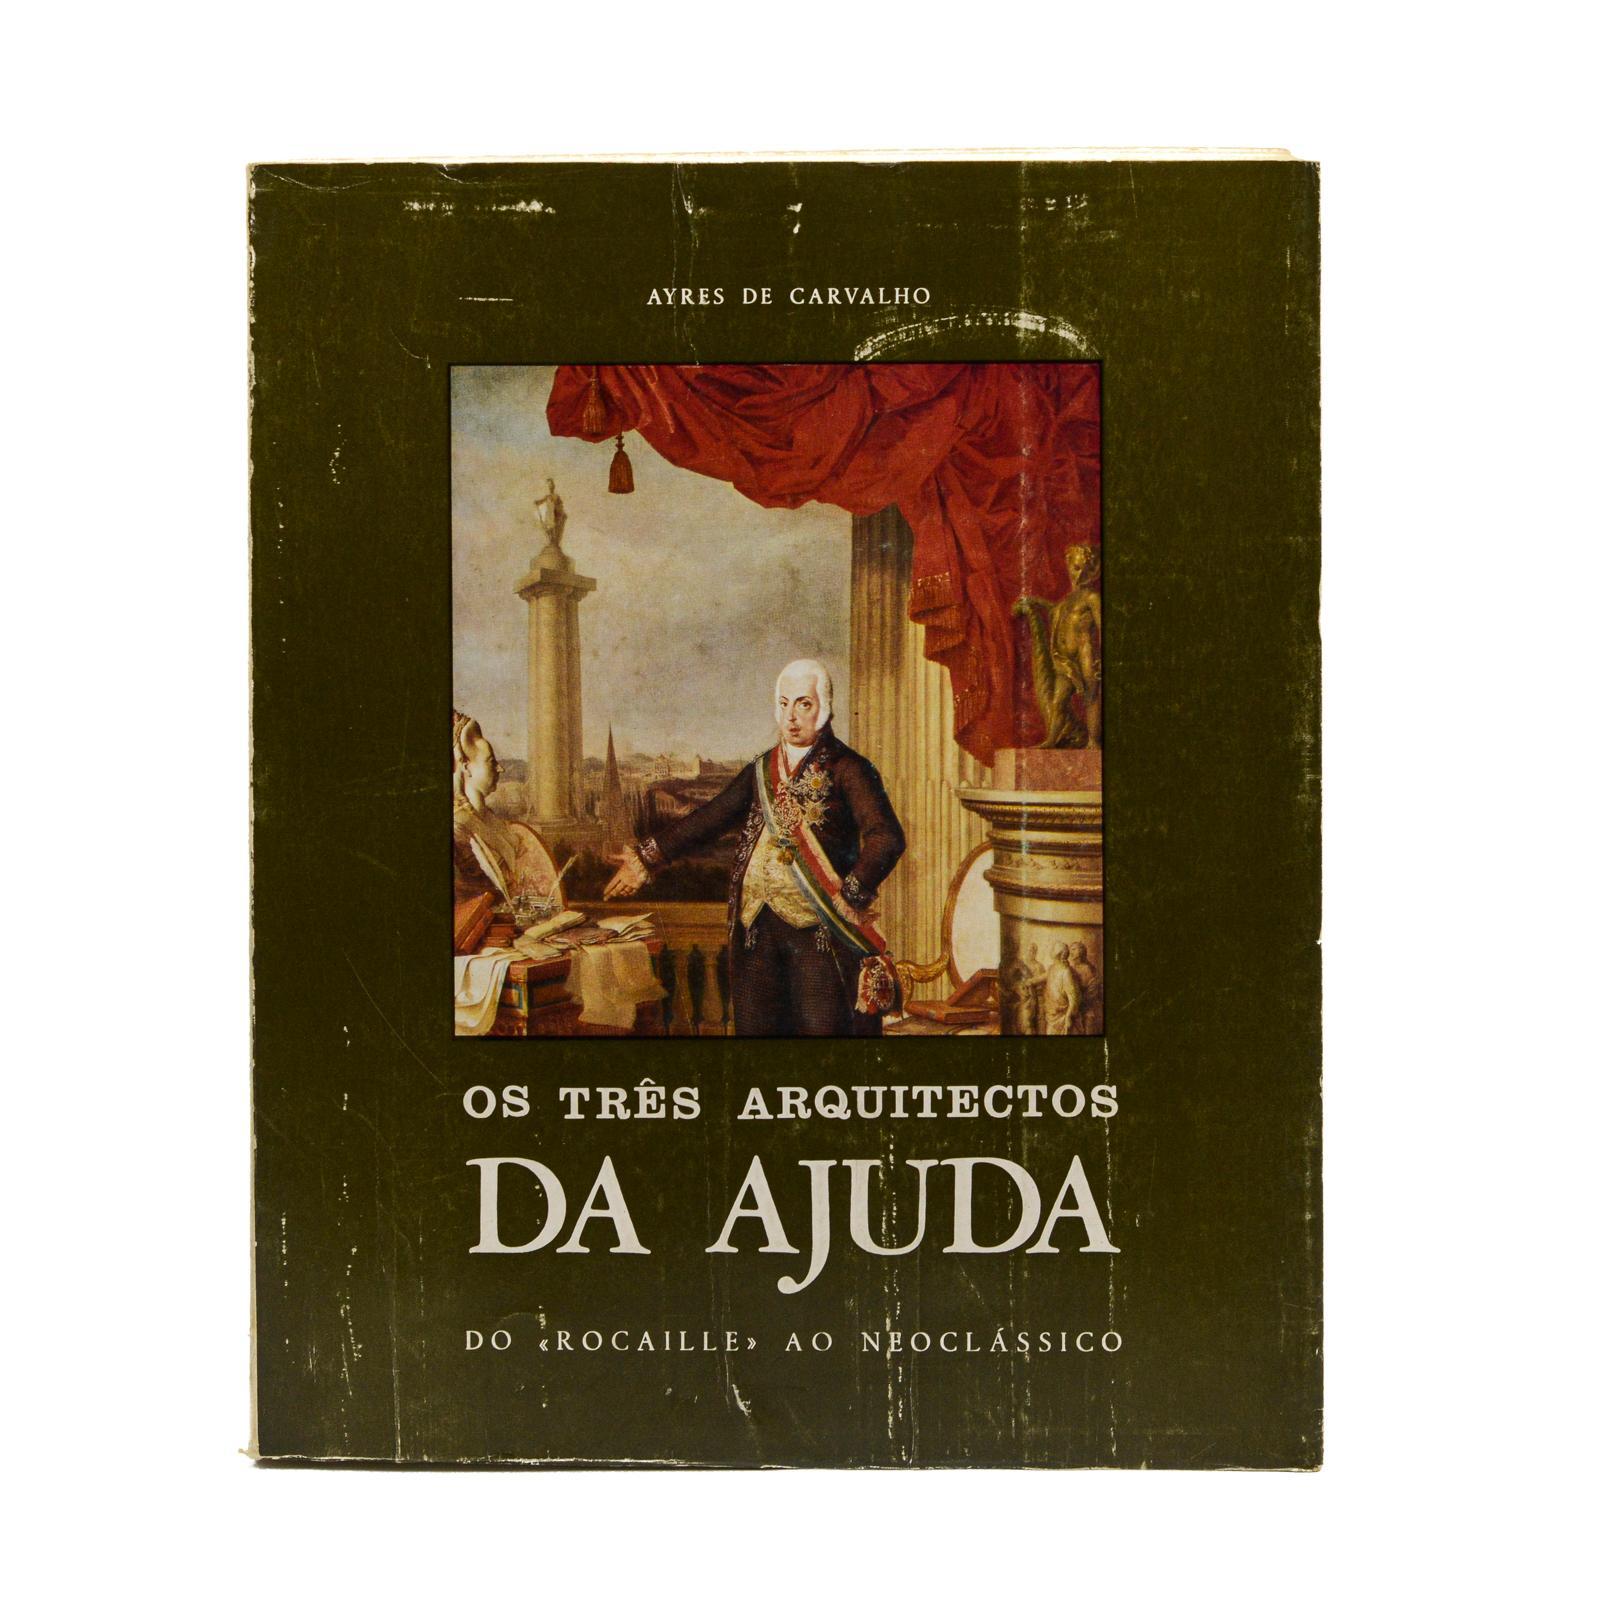 CARVALHO. OS TRÊS ARQUITECTOS DA AJUDA, 1 vol.